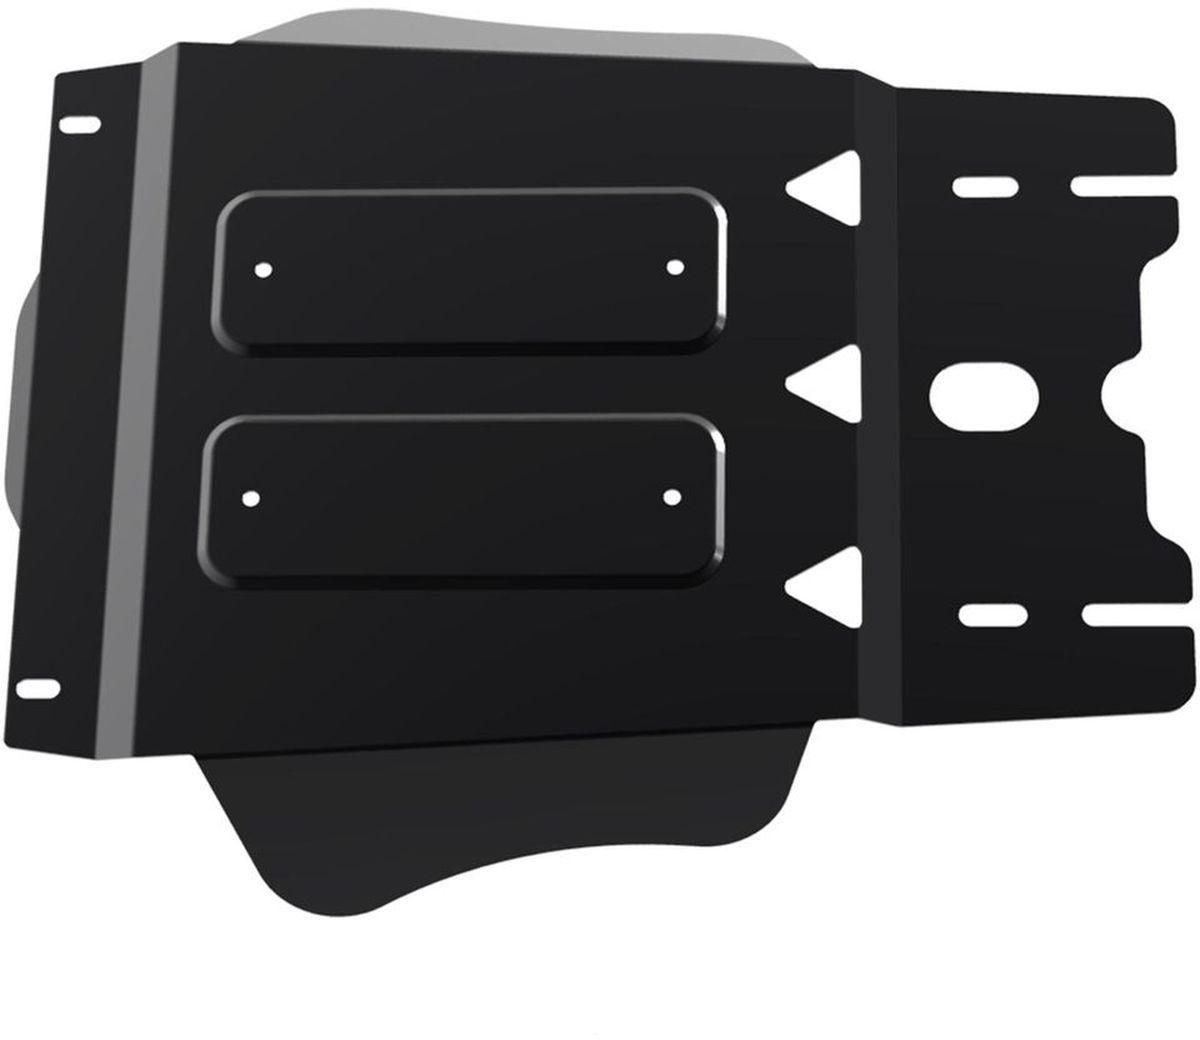 Защита КПП Автоброня, для Toyota LC120 Prado V - все (2005-)111.05732.1Технологически совершенный продукт за невысокую стоимость. Защита разработана с учетом особенностей днища автомобиля, что позволяет сохранить дорожный просвет с минимальным изменением. Защита устанавливается в штатные места кузова автомобиля. Глубокий штамп обеспечивает до двух раз больше жесткости в сравнении с обычной защитой той же толщины. Проштампованные ребра жесткости препятствуют деформации защиты при ударах. Тепловой зазор и вентиляционные отверстия обеспечивают сохранение температурного режима двигателя в норме. Скрытый крепеж предотвращает срыв крепежных элементов при наезде на препятствие. Шумопоглощающие резиновые элементы обеспечивают комфортную езду без вибраций и скрежета металла, а съемные лючки для слива масла и замены фильтра - экономию средств и время. Конструкция изделия не влияет на пассивную безопасность автомобиля (при ударе защита не воздействует на деформационные зоны кузова). Со штатным крепежом. В комплекте инструкция по установке....